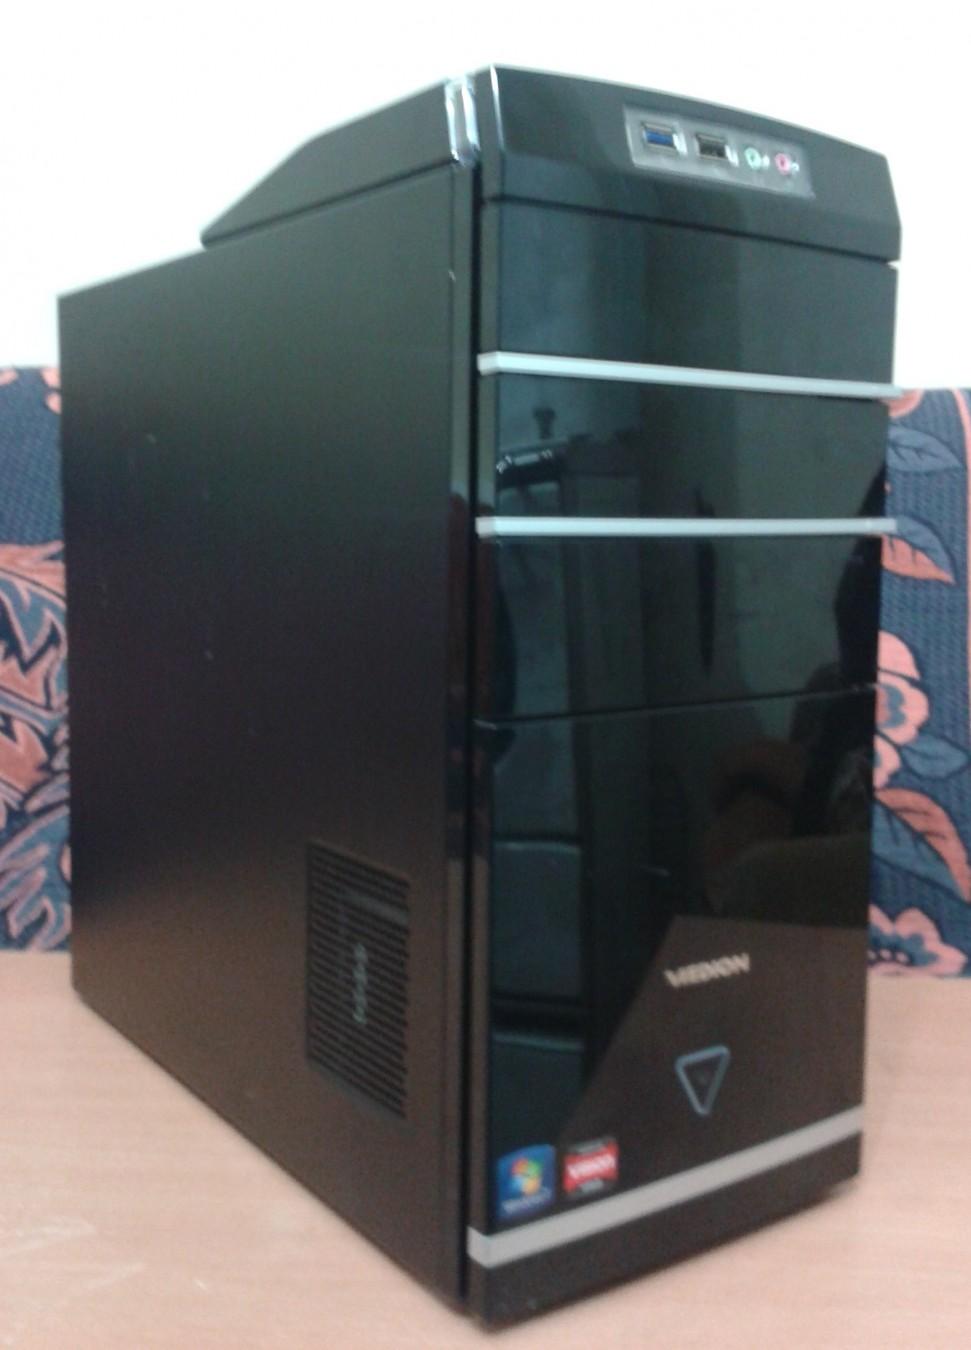 PC MEDION MT14_AMD Athlon II X4 3.0GHz_1.5TB (41088525